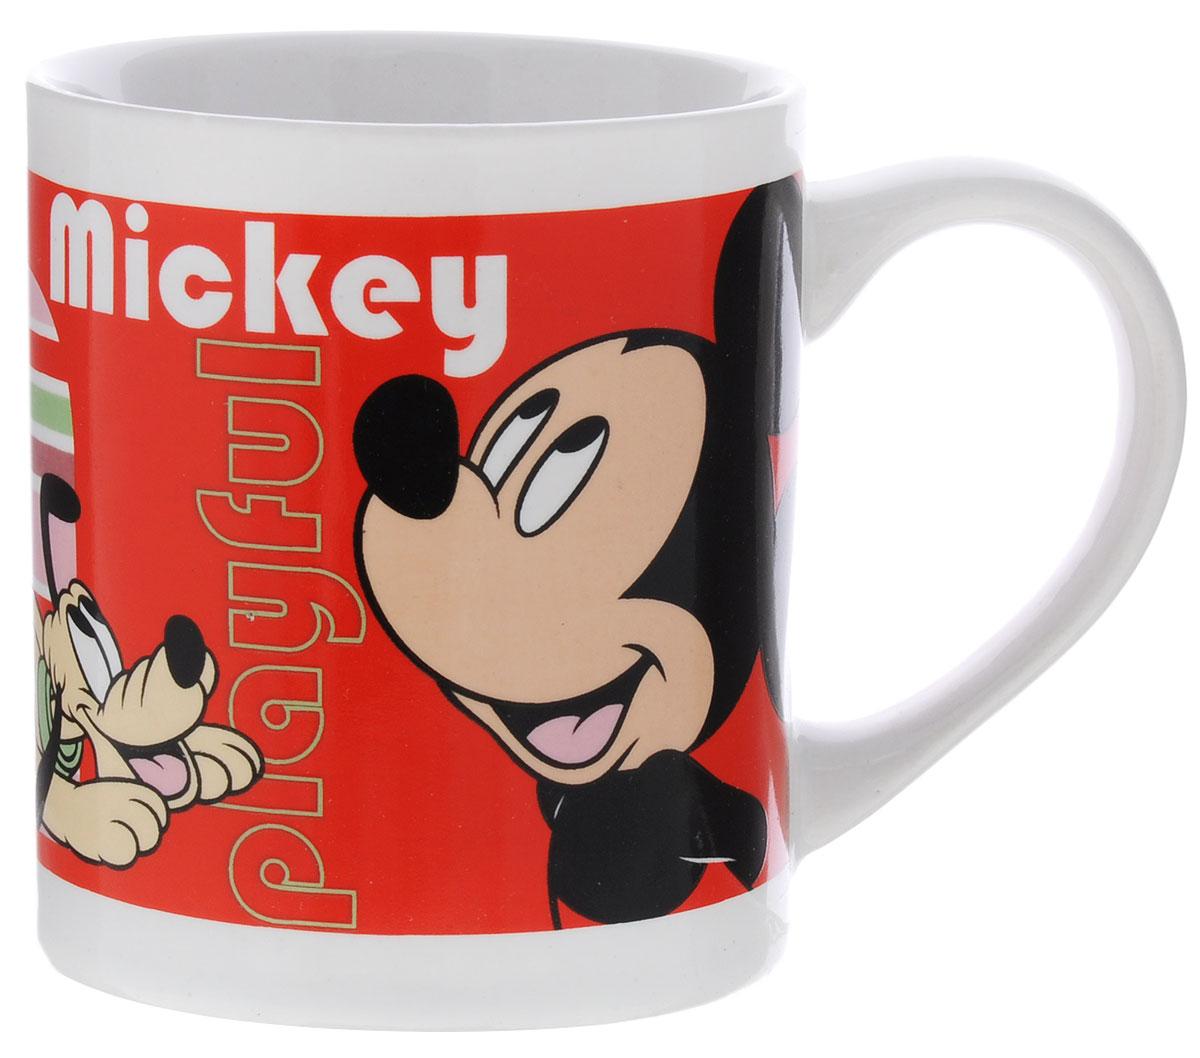 Stor Кружка детская Микки Маус 220 мл290102Детская кружка Stor Микки Маус из серии Stor Disney с любимым героем станет отличным подарком для вашего ребенка. Она выполнена из керамики и оформлена изображением Микки Мауса. Кружка дополнена удобной ручкой. Такой подарок станет не только приятным, но и практичным сувениром: кружка будет незаменимым атрибутом чаепития, а оригинальное оформление кружки добавит ярких эмоций и хорошего настроения.Можно использовать в СВЧ-печи и посудомоечной машине.